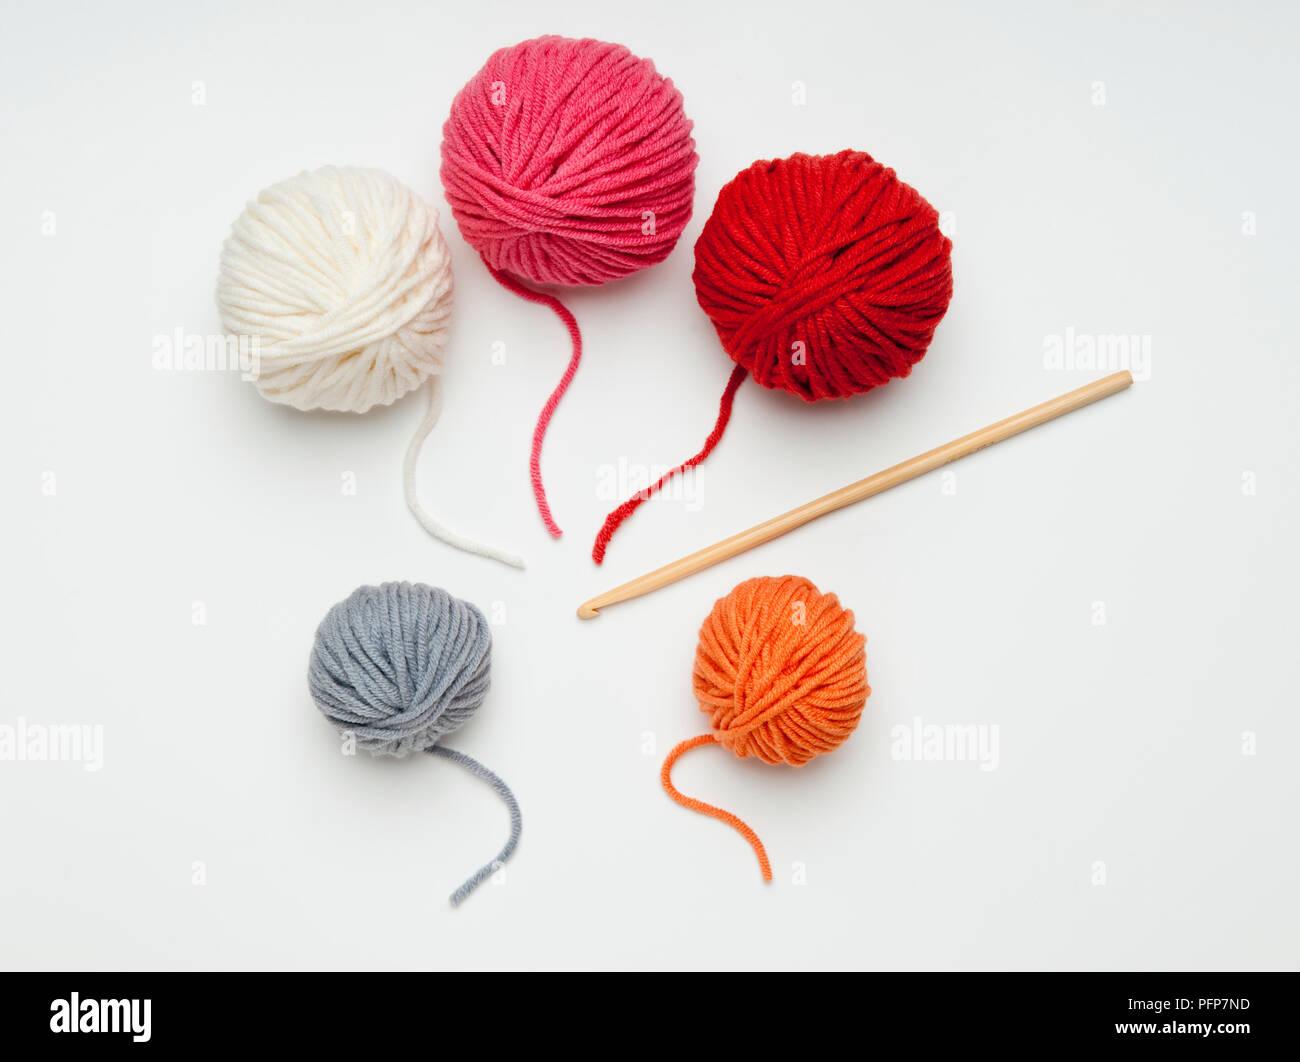 Crochet Hook Imágenes De Stock & Crochet Hook Fotos De Stock - Alamy